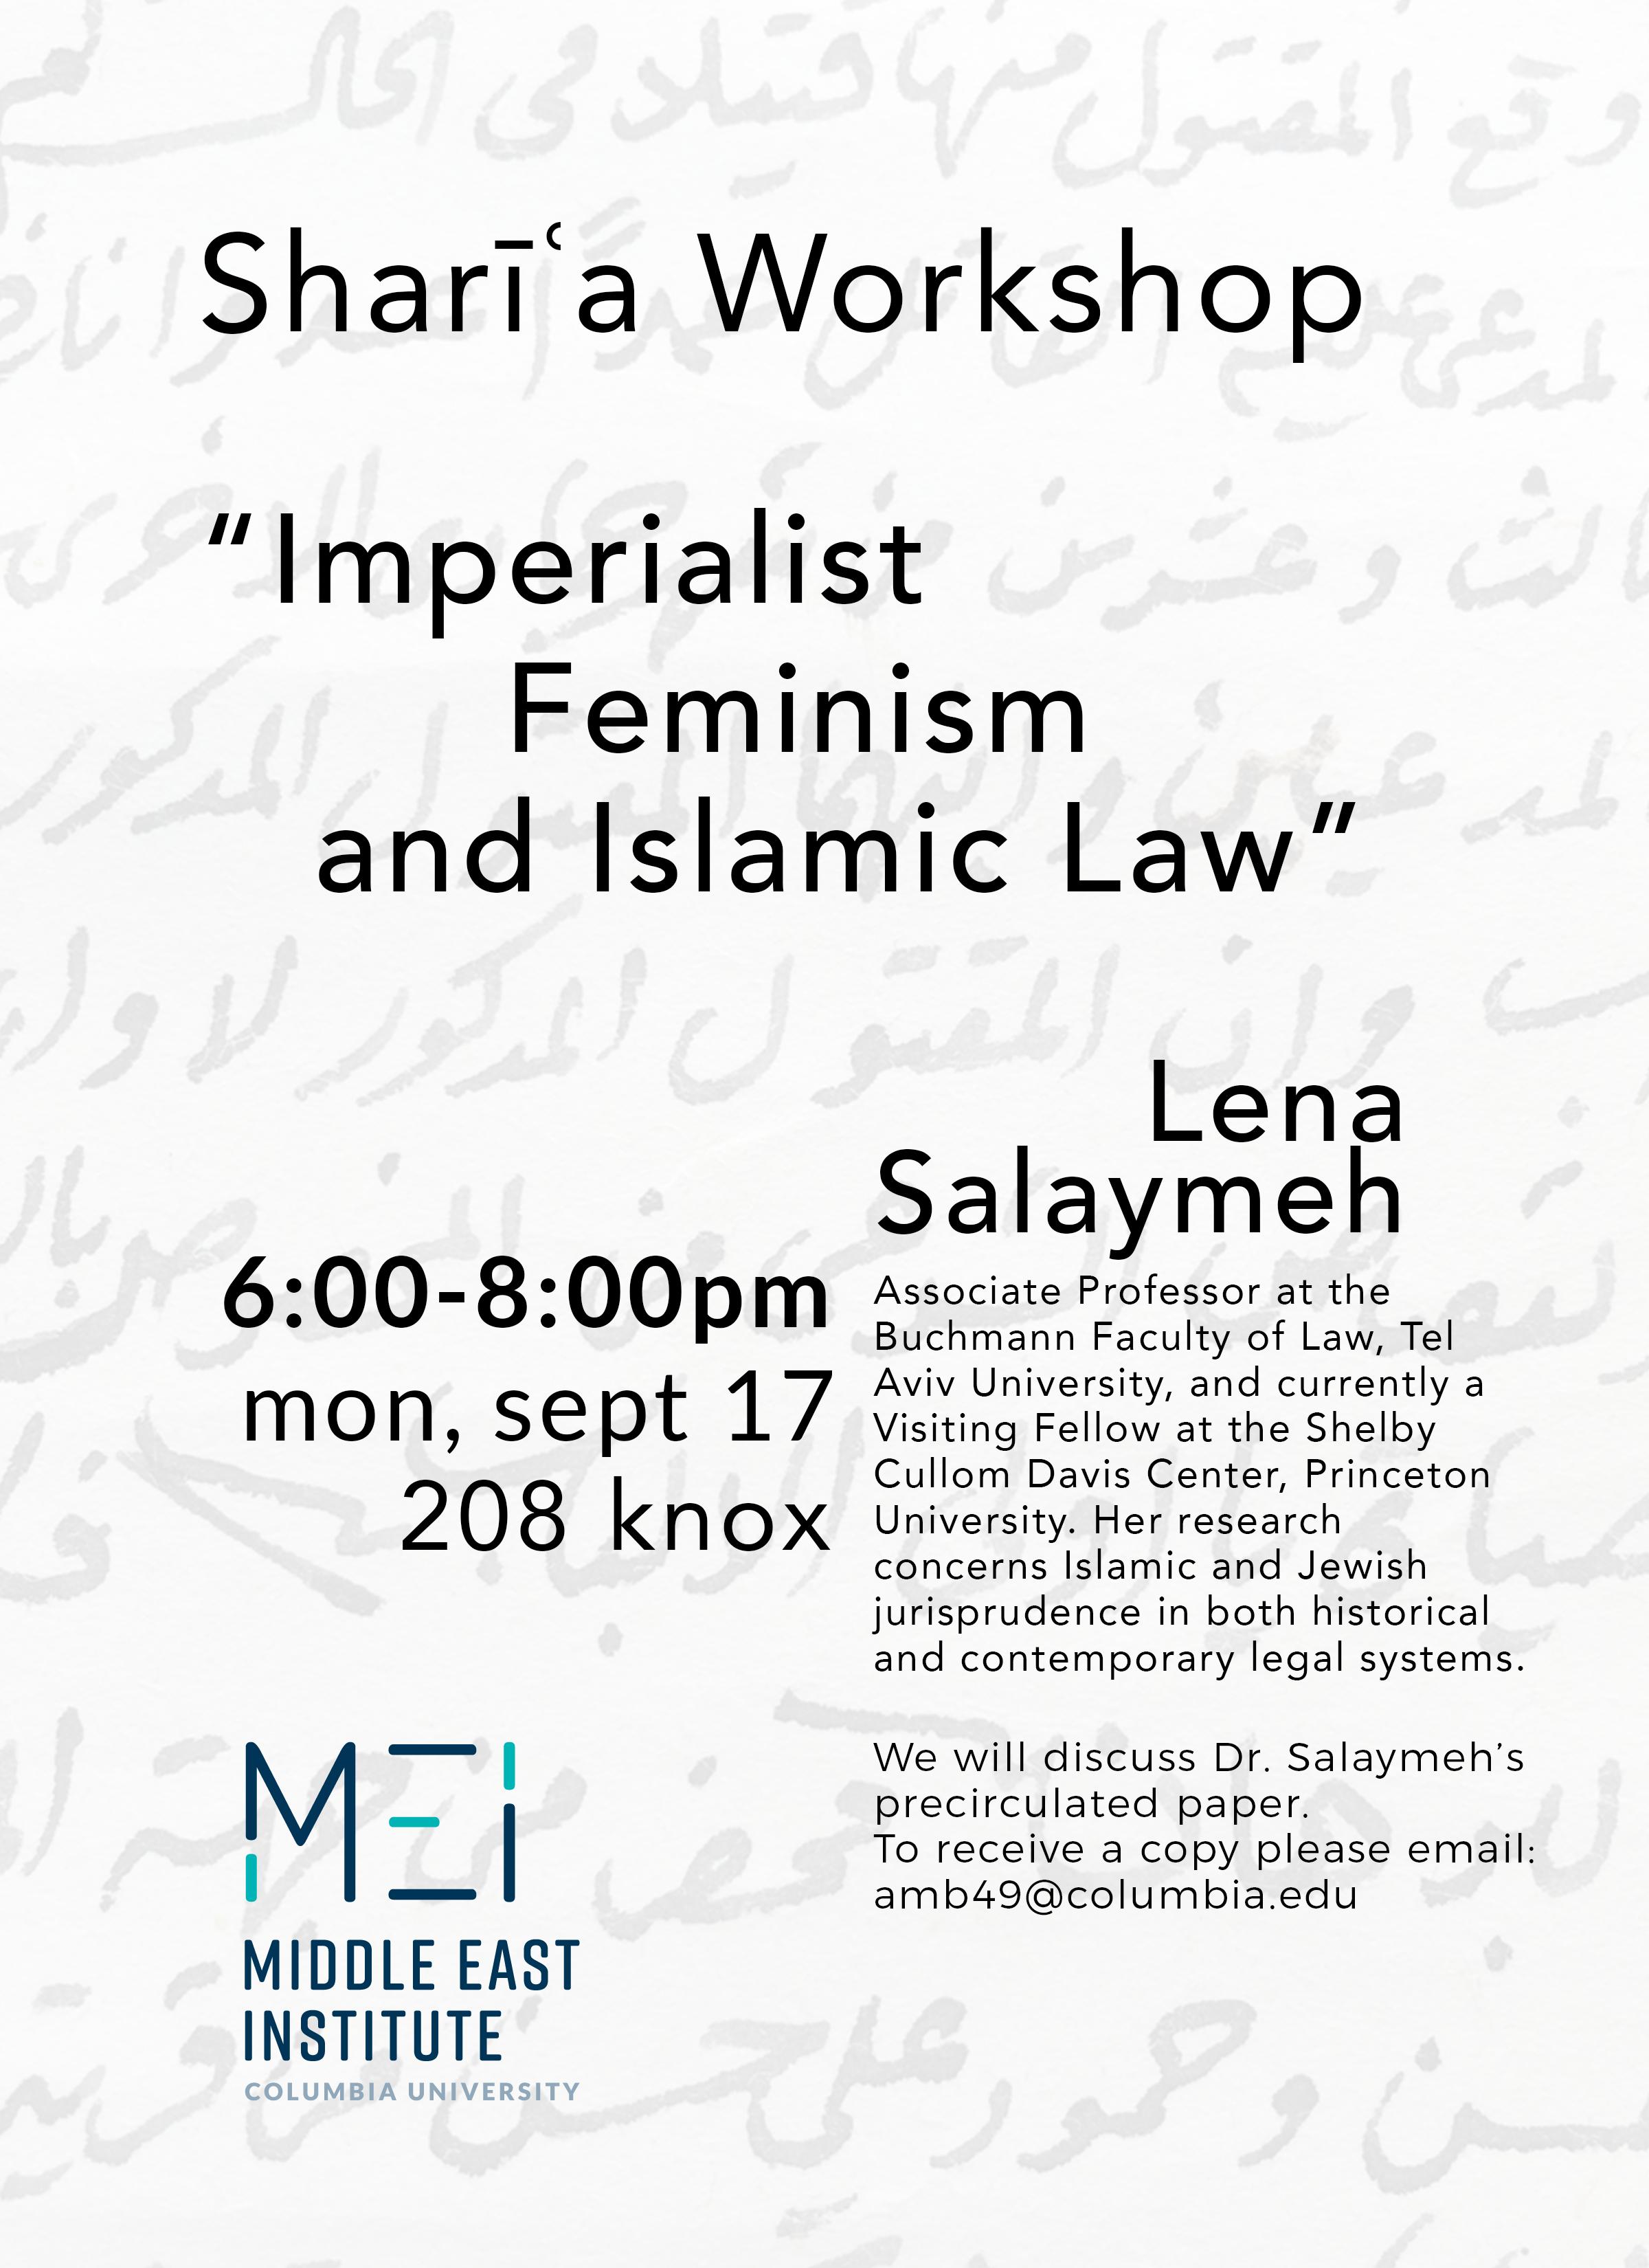 Lena_Salaymeh_Sharia (1).png